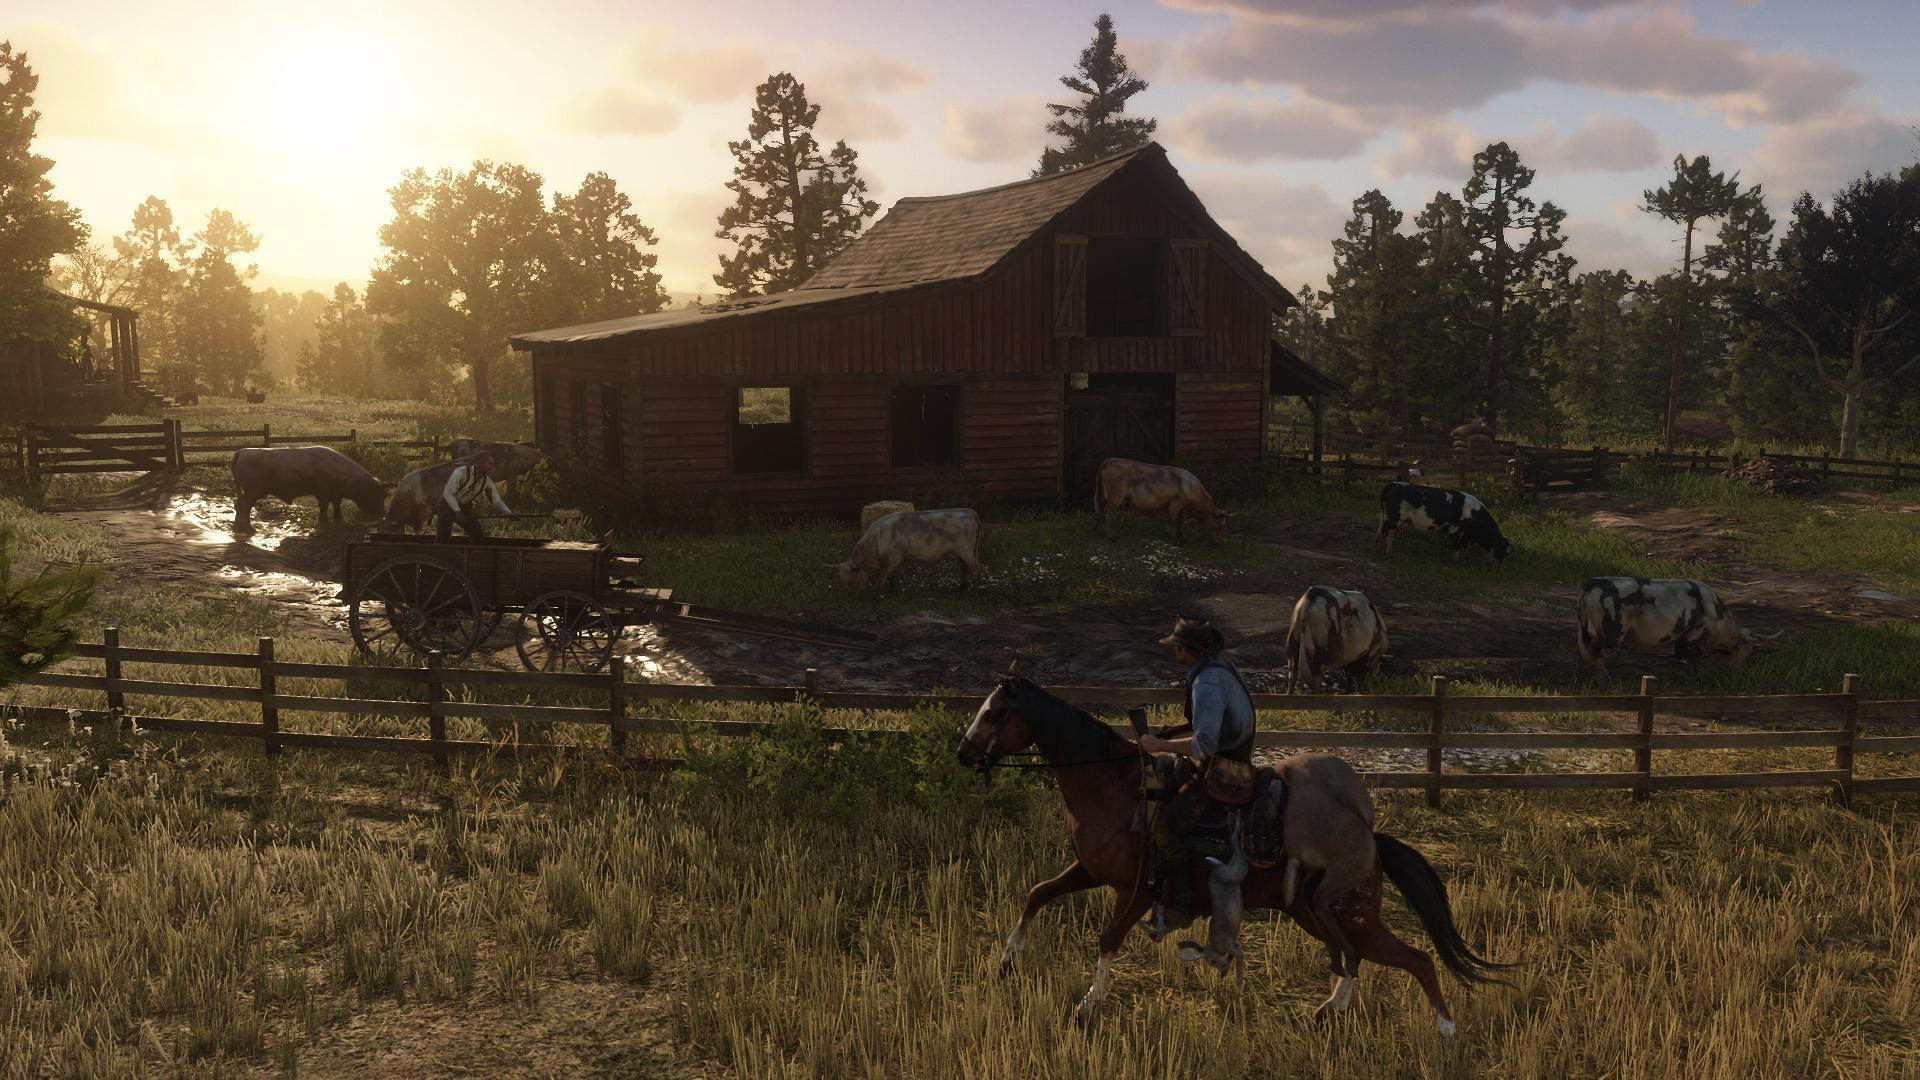 Neue Screenshots zu Red Dead Redemption 2 zeigen Tierwelt, Open World und Charaktere. Bild 22 - Quelle: Rockstar Games